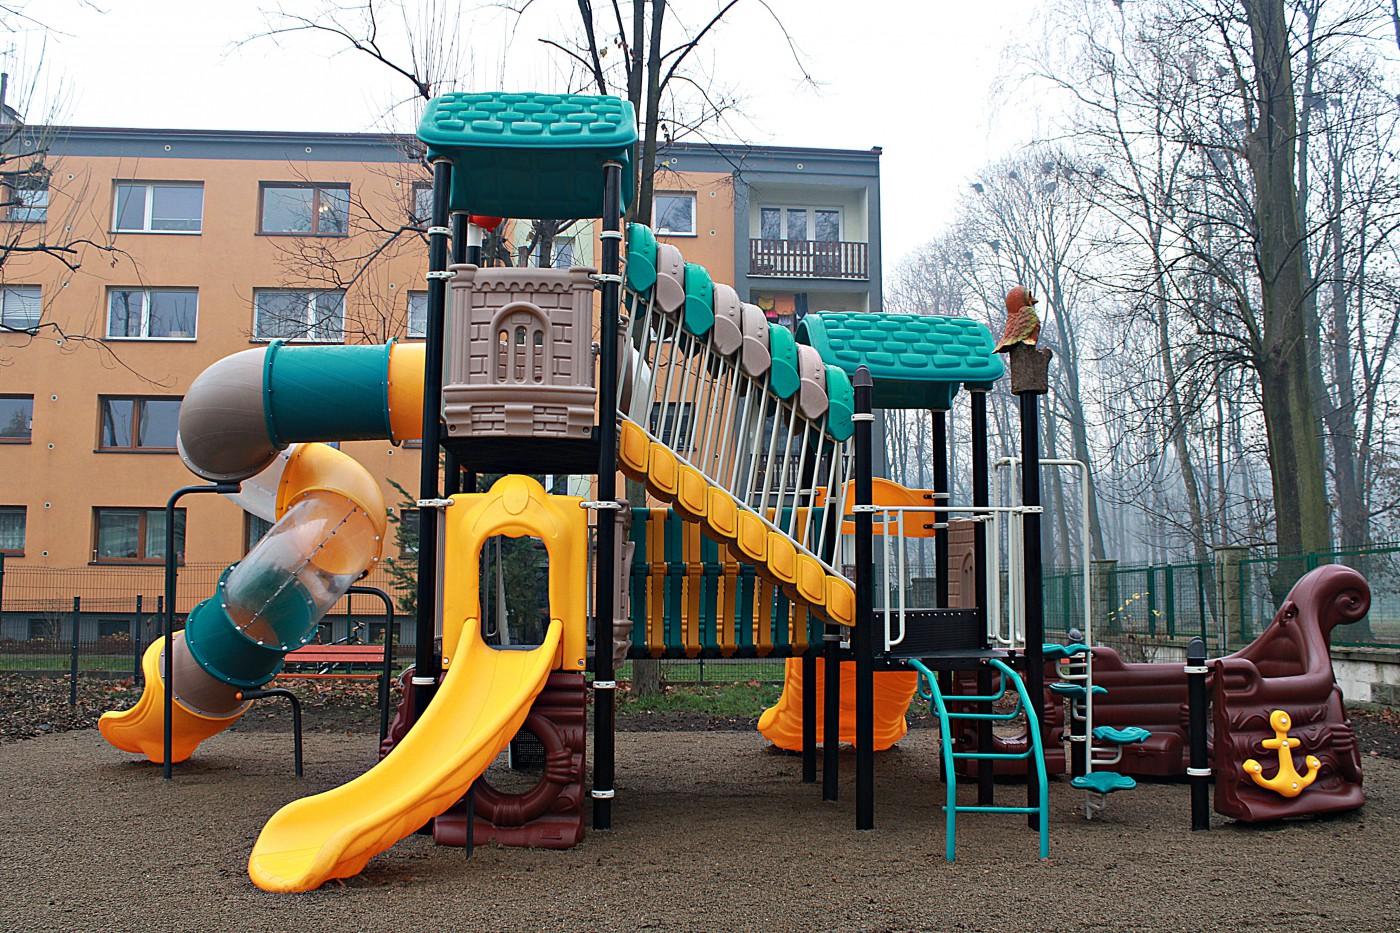 Na nowym  placu zabaw można bawić się po zamknięciu przedszkola